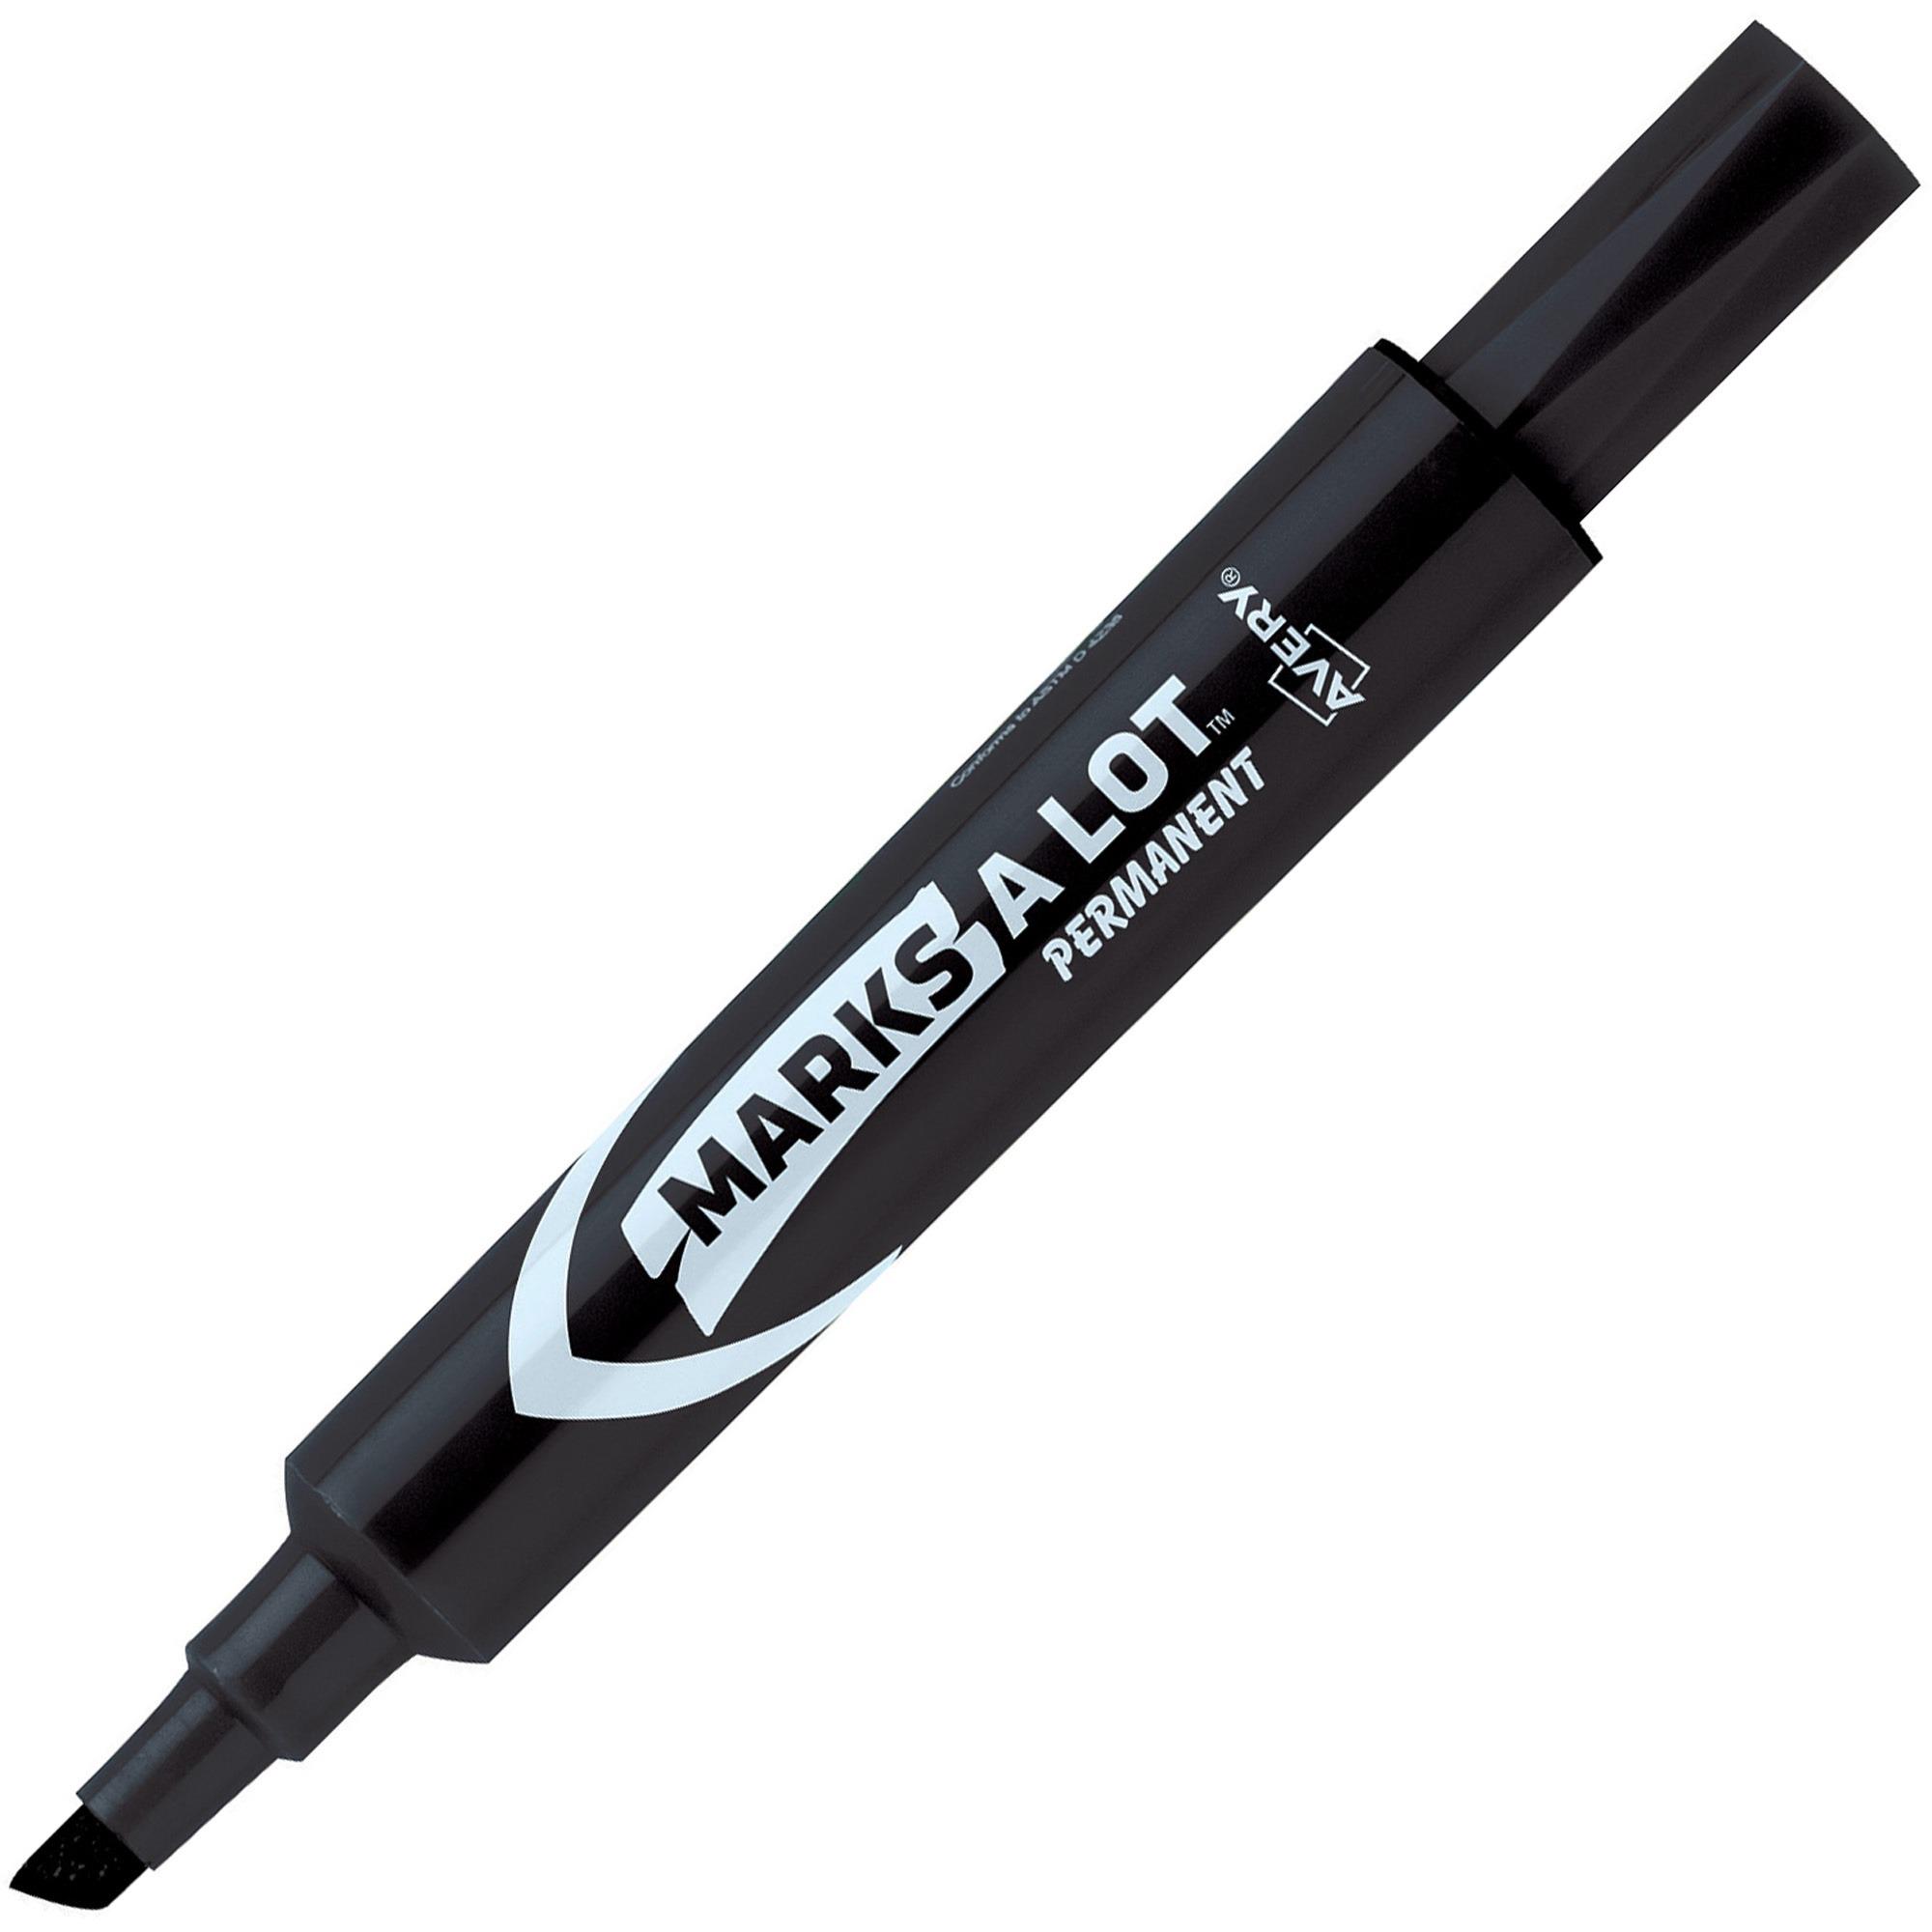 Avery Marks-A-Lot Regular Desk-Style Permanent Marker, Chisel Tip, Black, Dozen